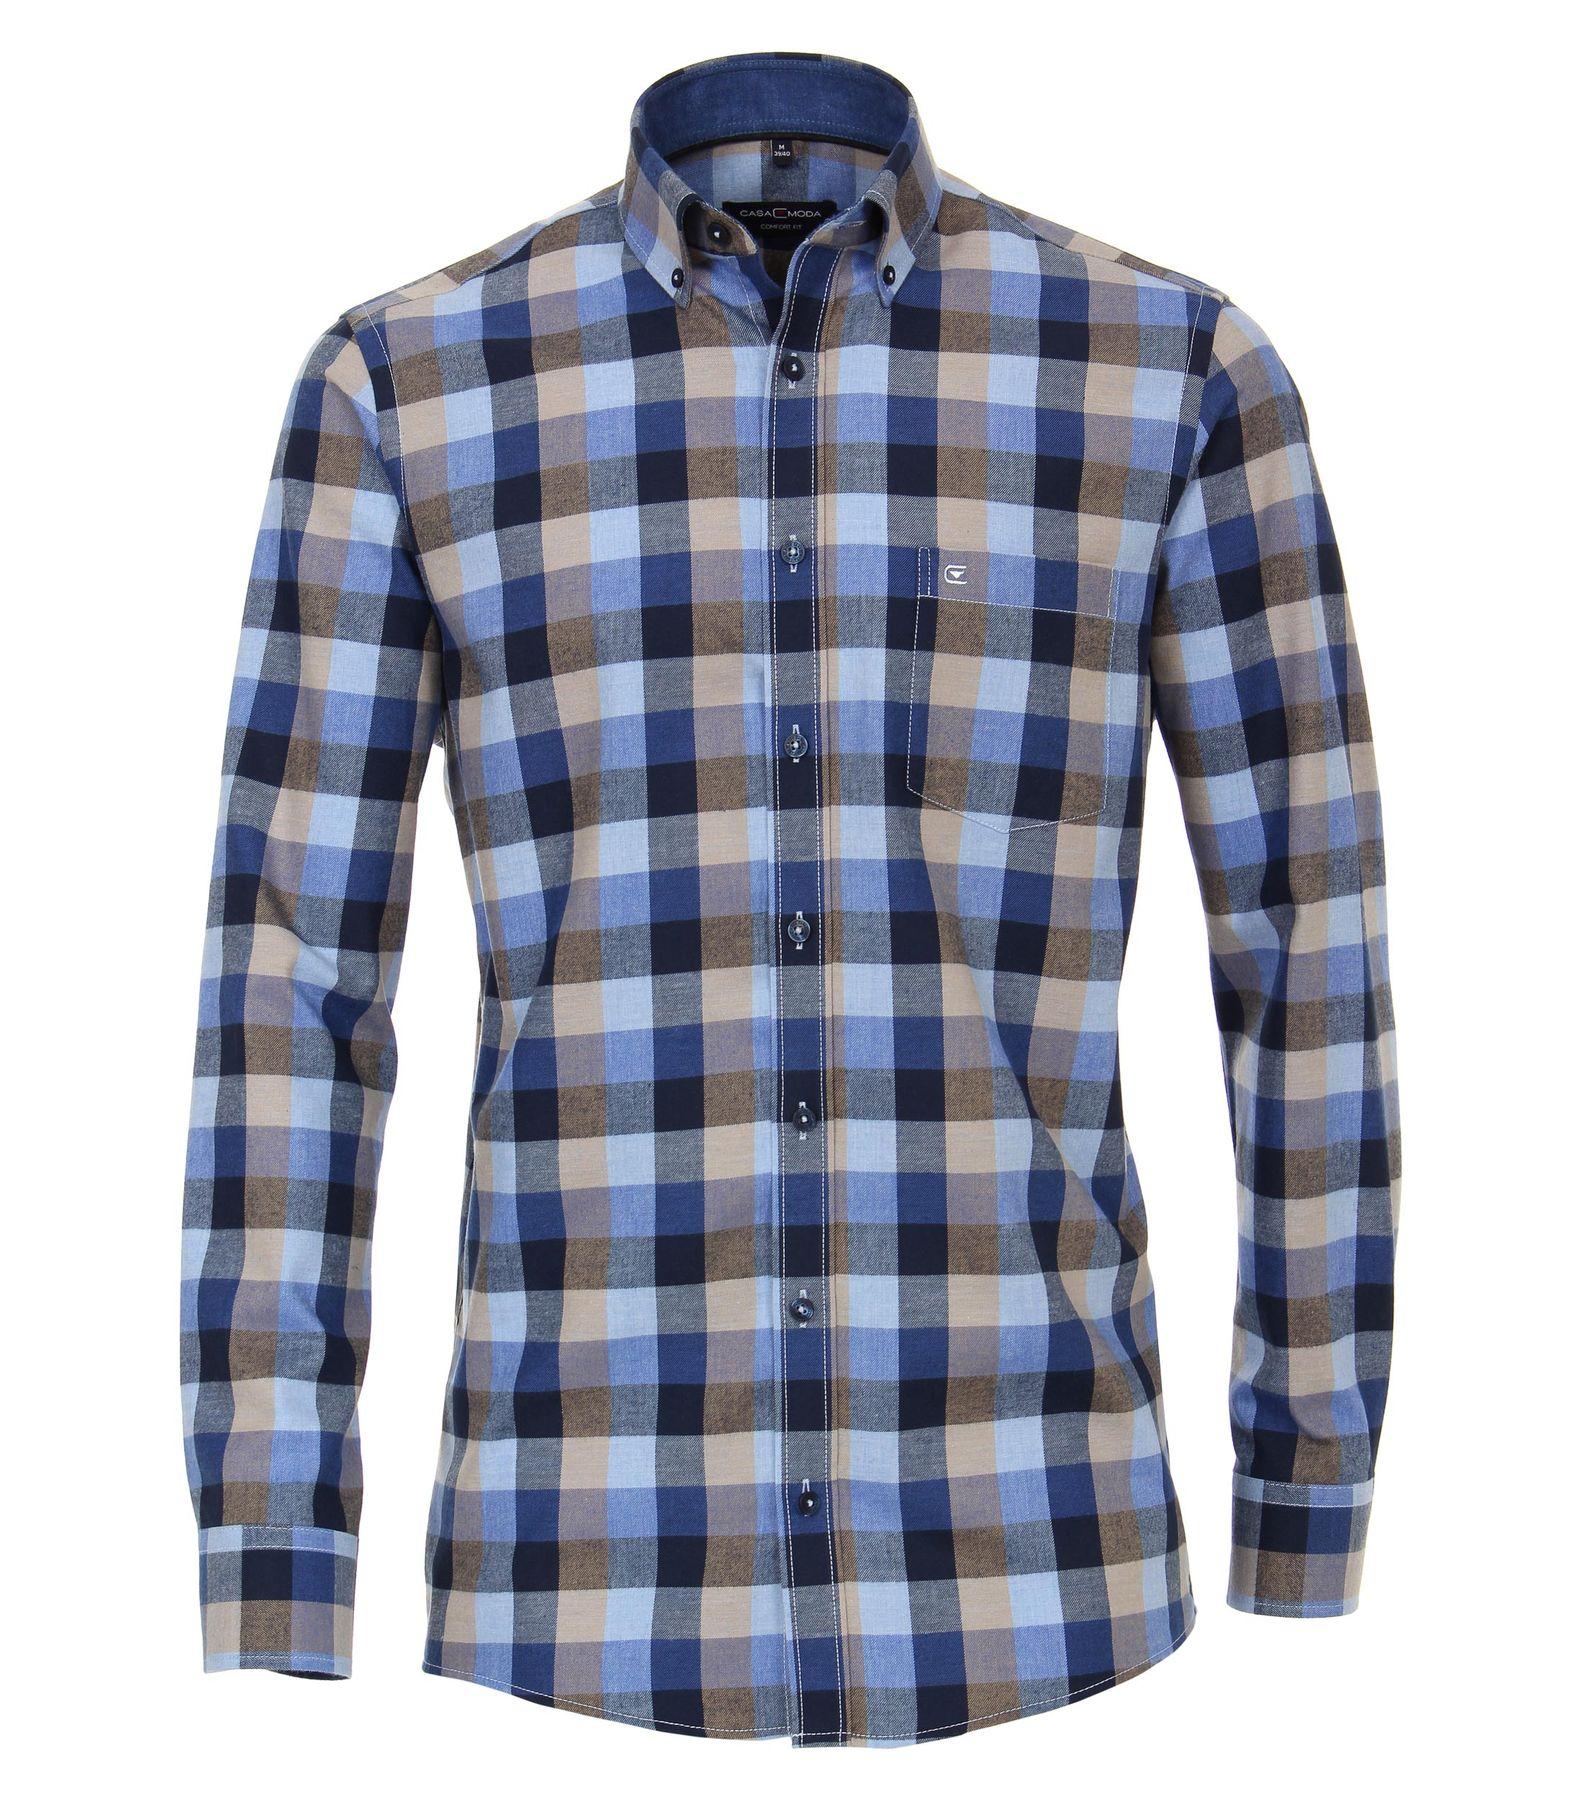 Casa Moda - Comfort Fit - Flanell Herren Hemd kariert mit Button Down-Kragen (483090600) – Bild 2